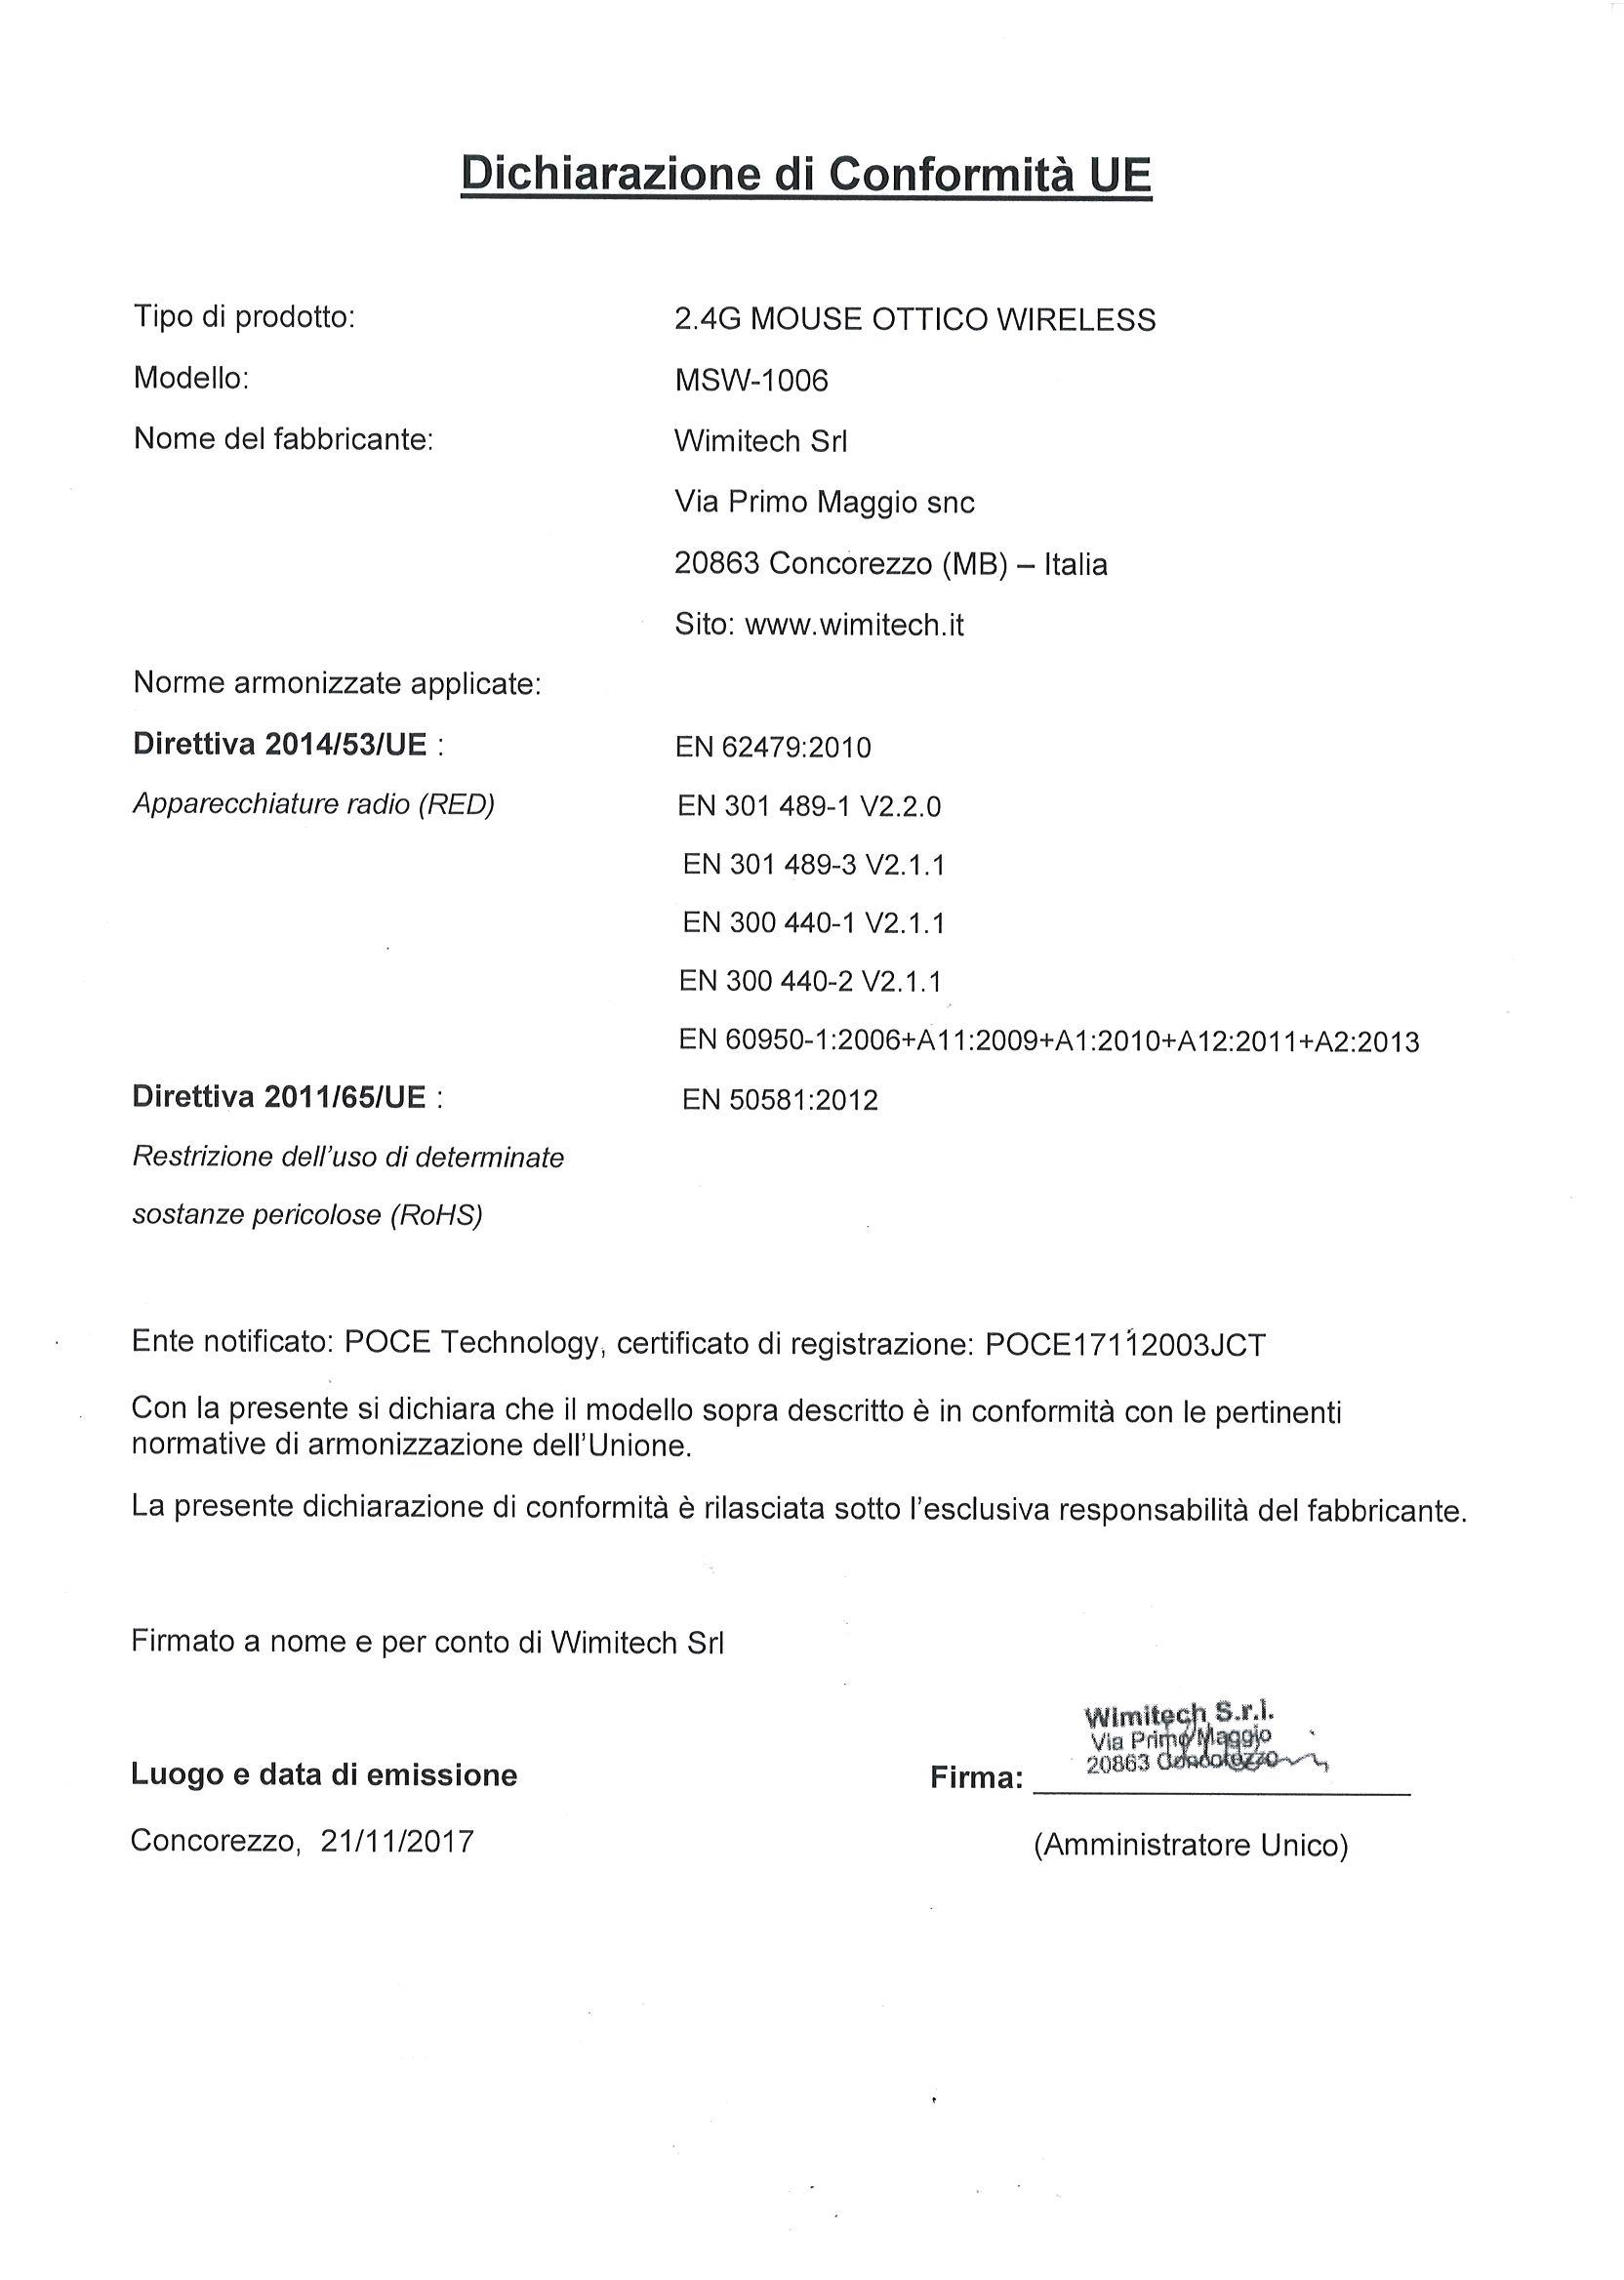 dichiarazione di conformita MSW-1006